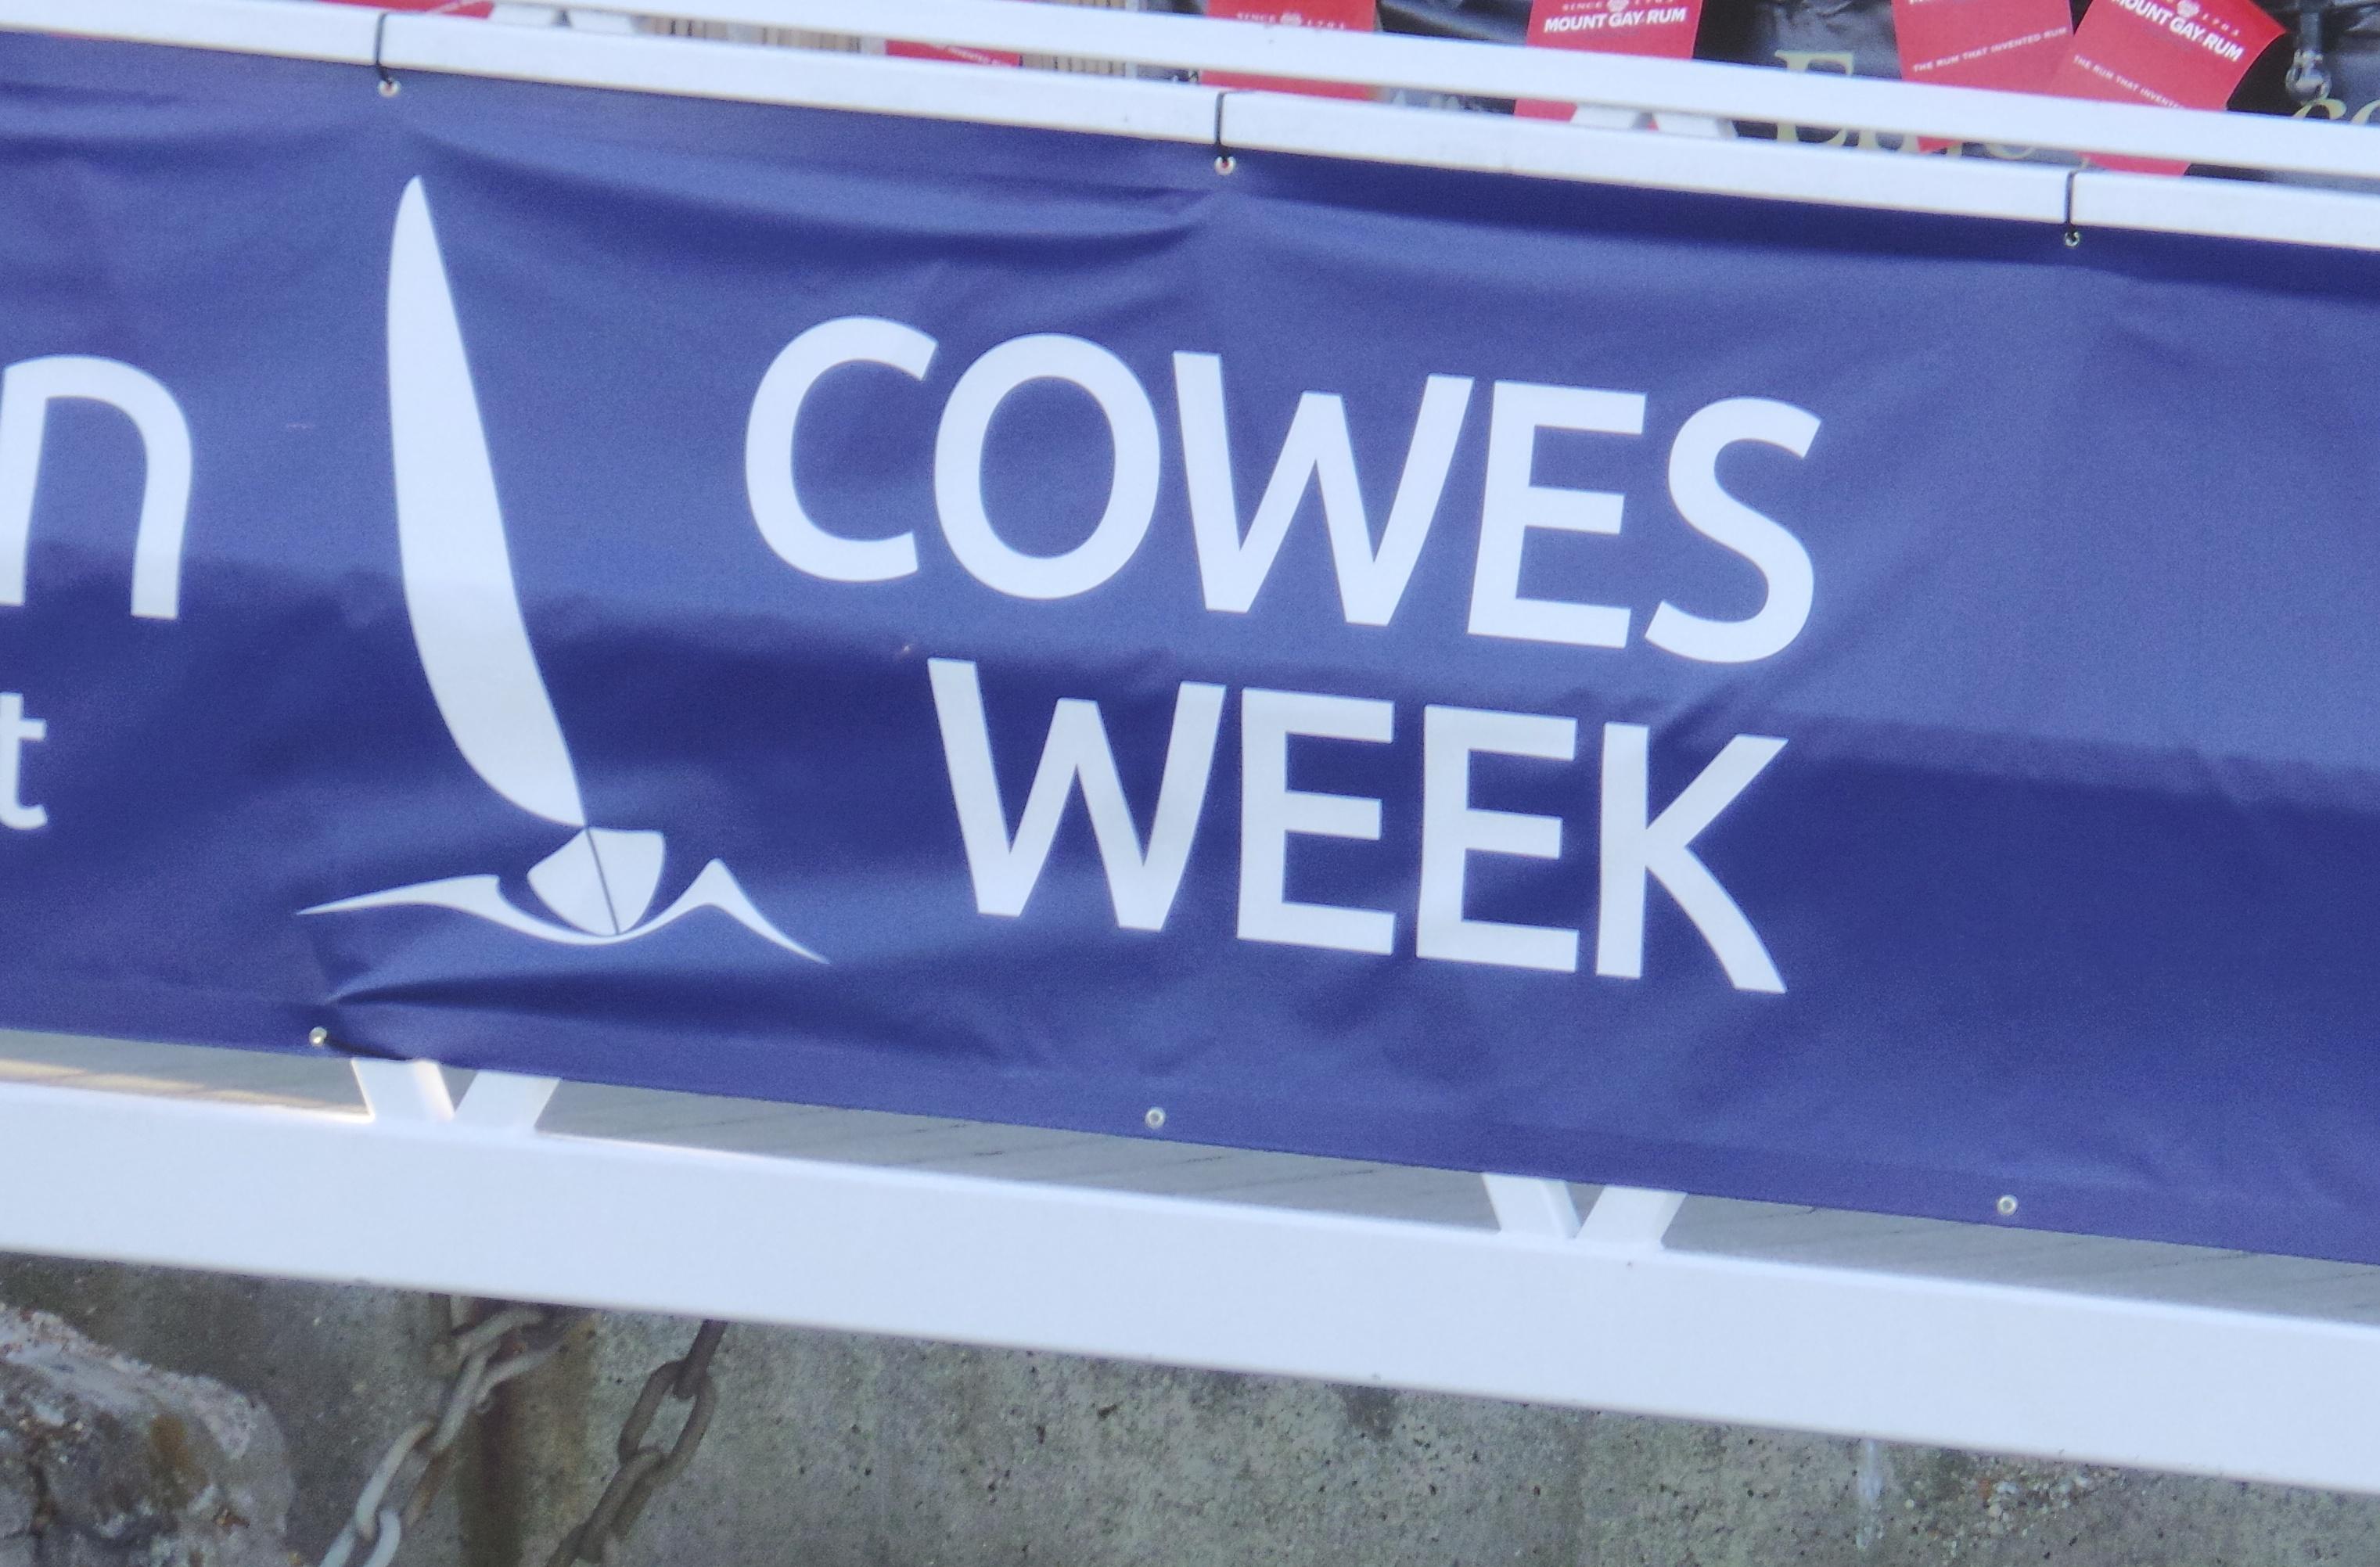 cowes week yacht race regatta